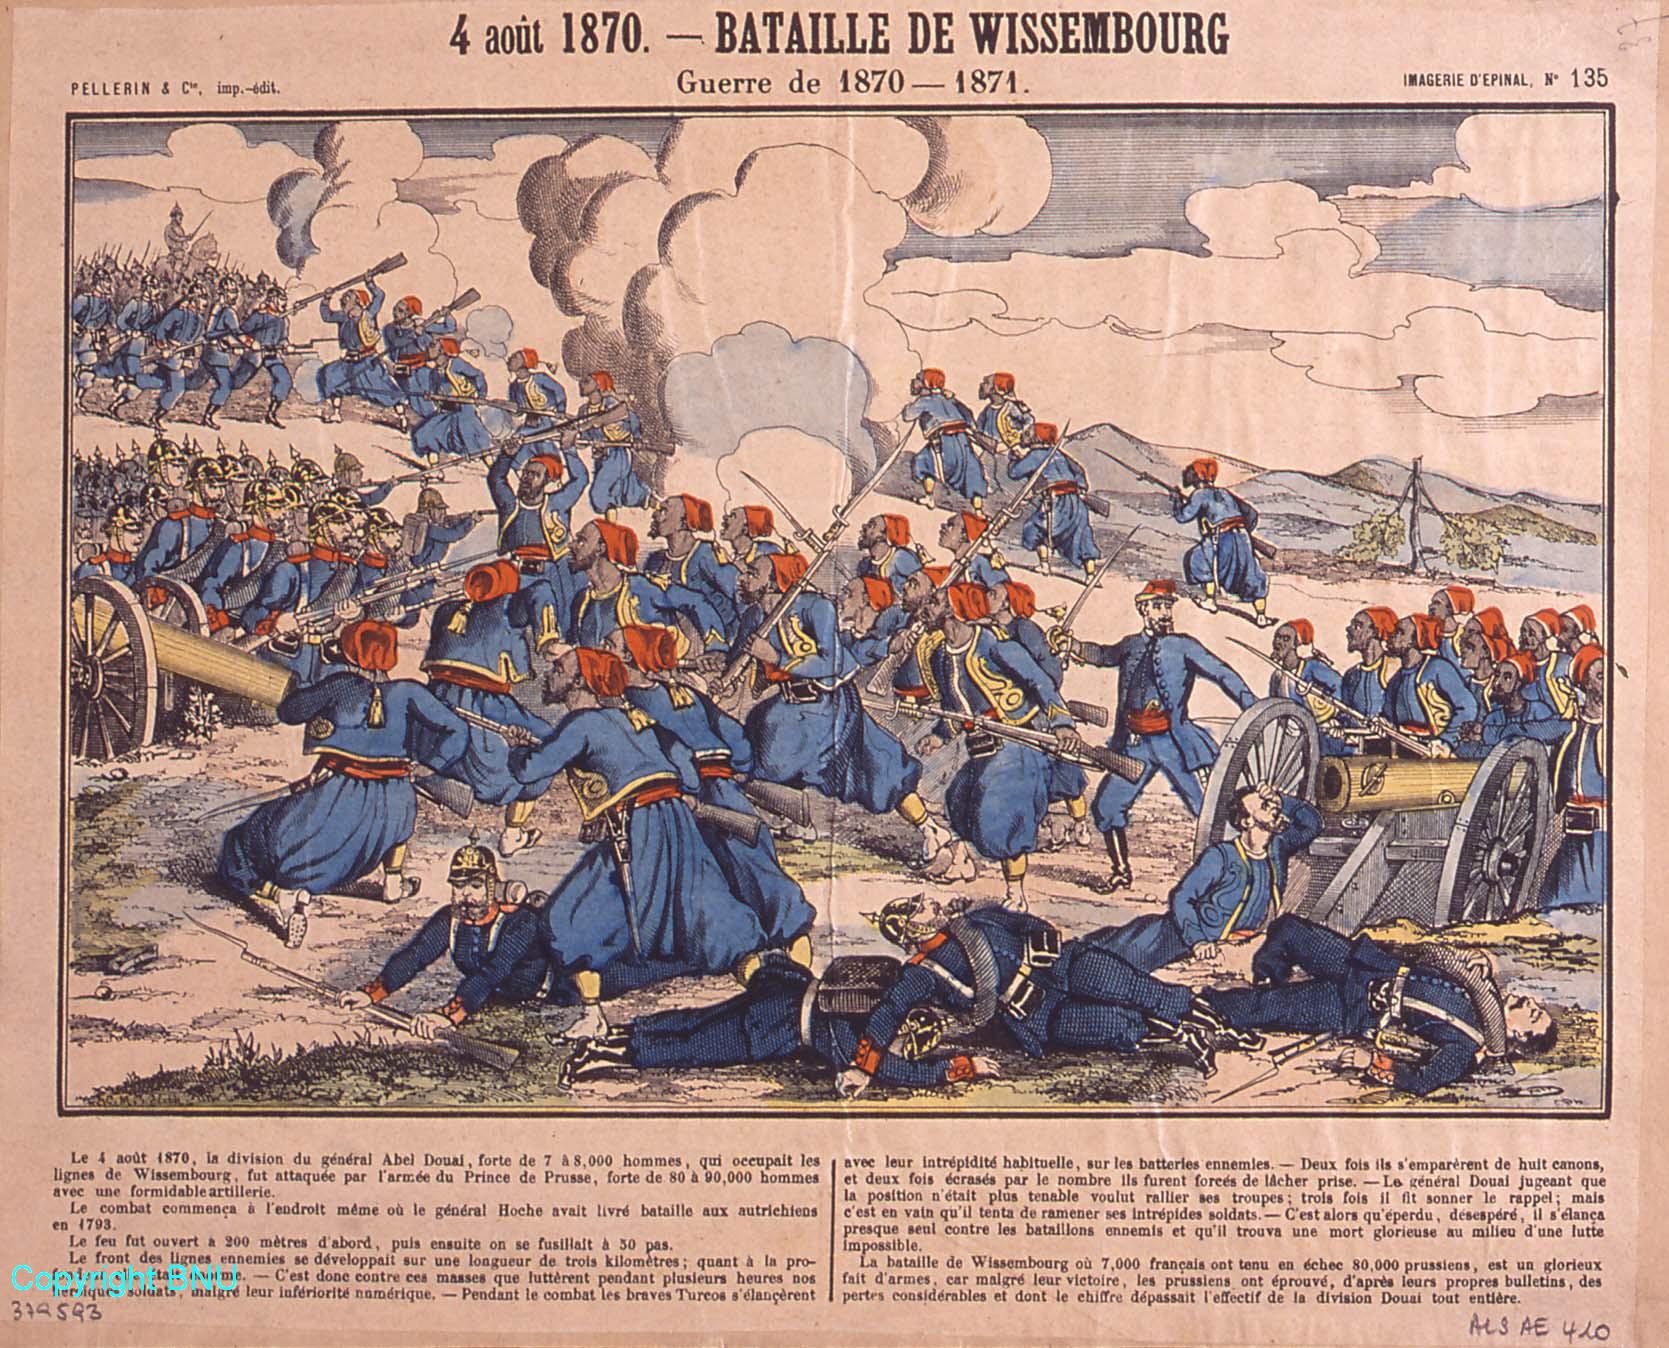 Bataille de Wissembourg, 4 août 1870, guerre de 1870-1871